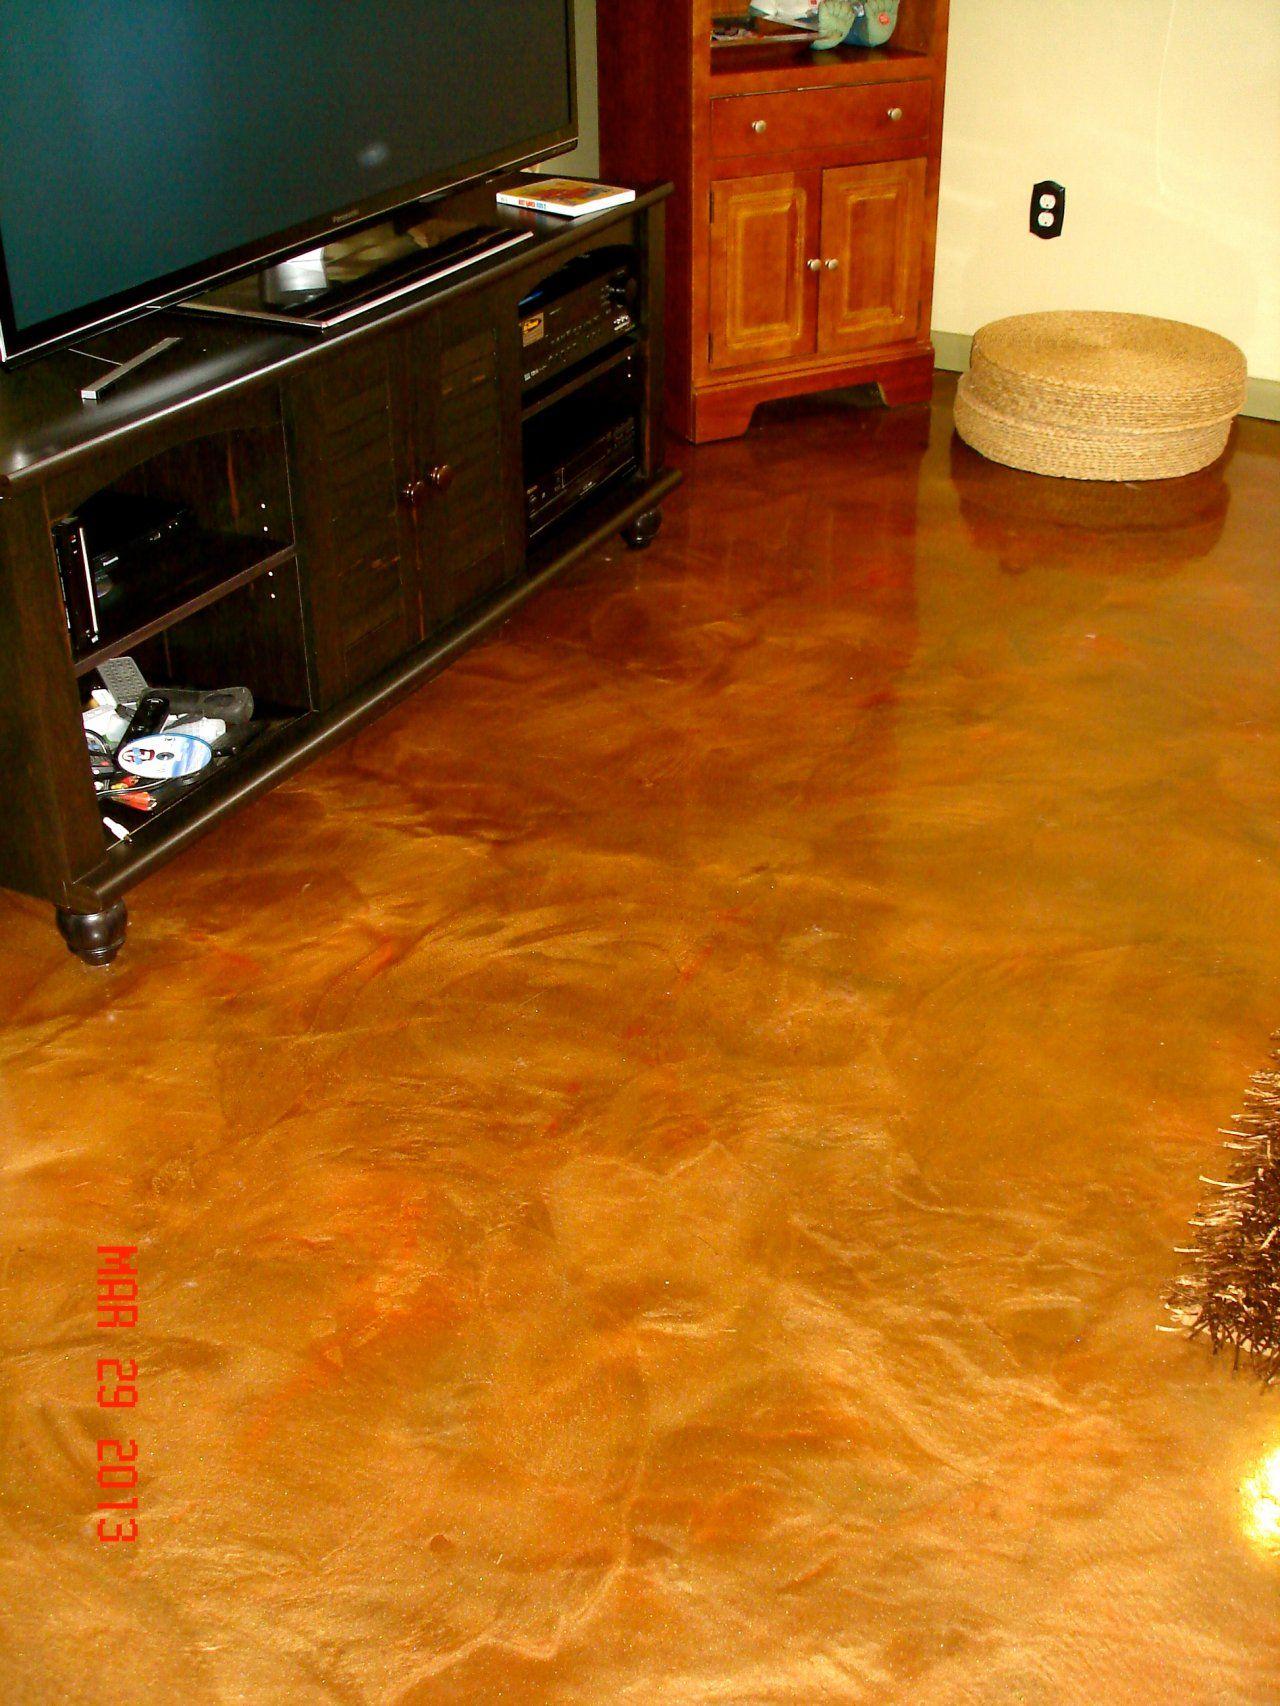 Basement remodel incorporating Metallic Epoxy Flooring in Omaha Nebraska. & Basement remodel incorporating Metallic Epoxy Flooring in Omaha ...